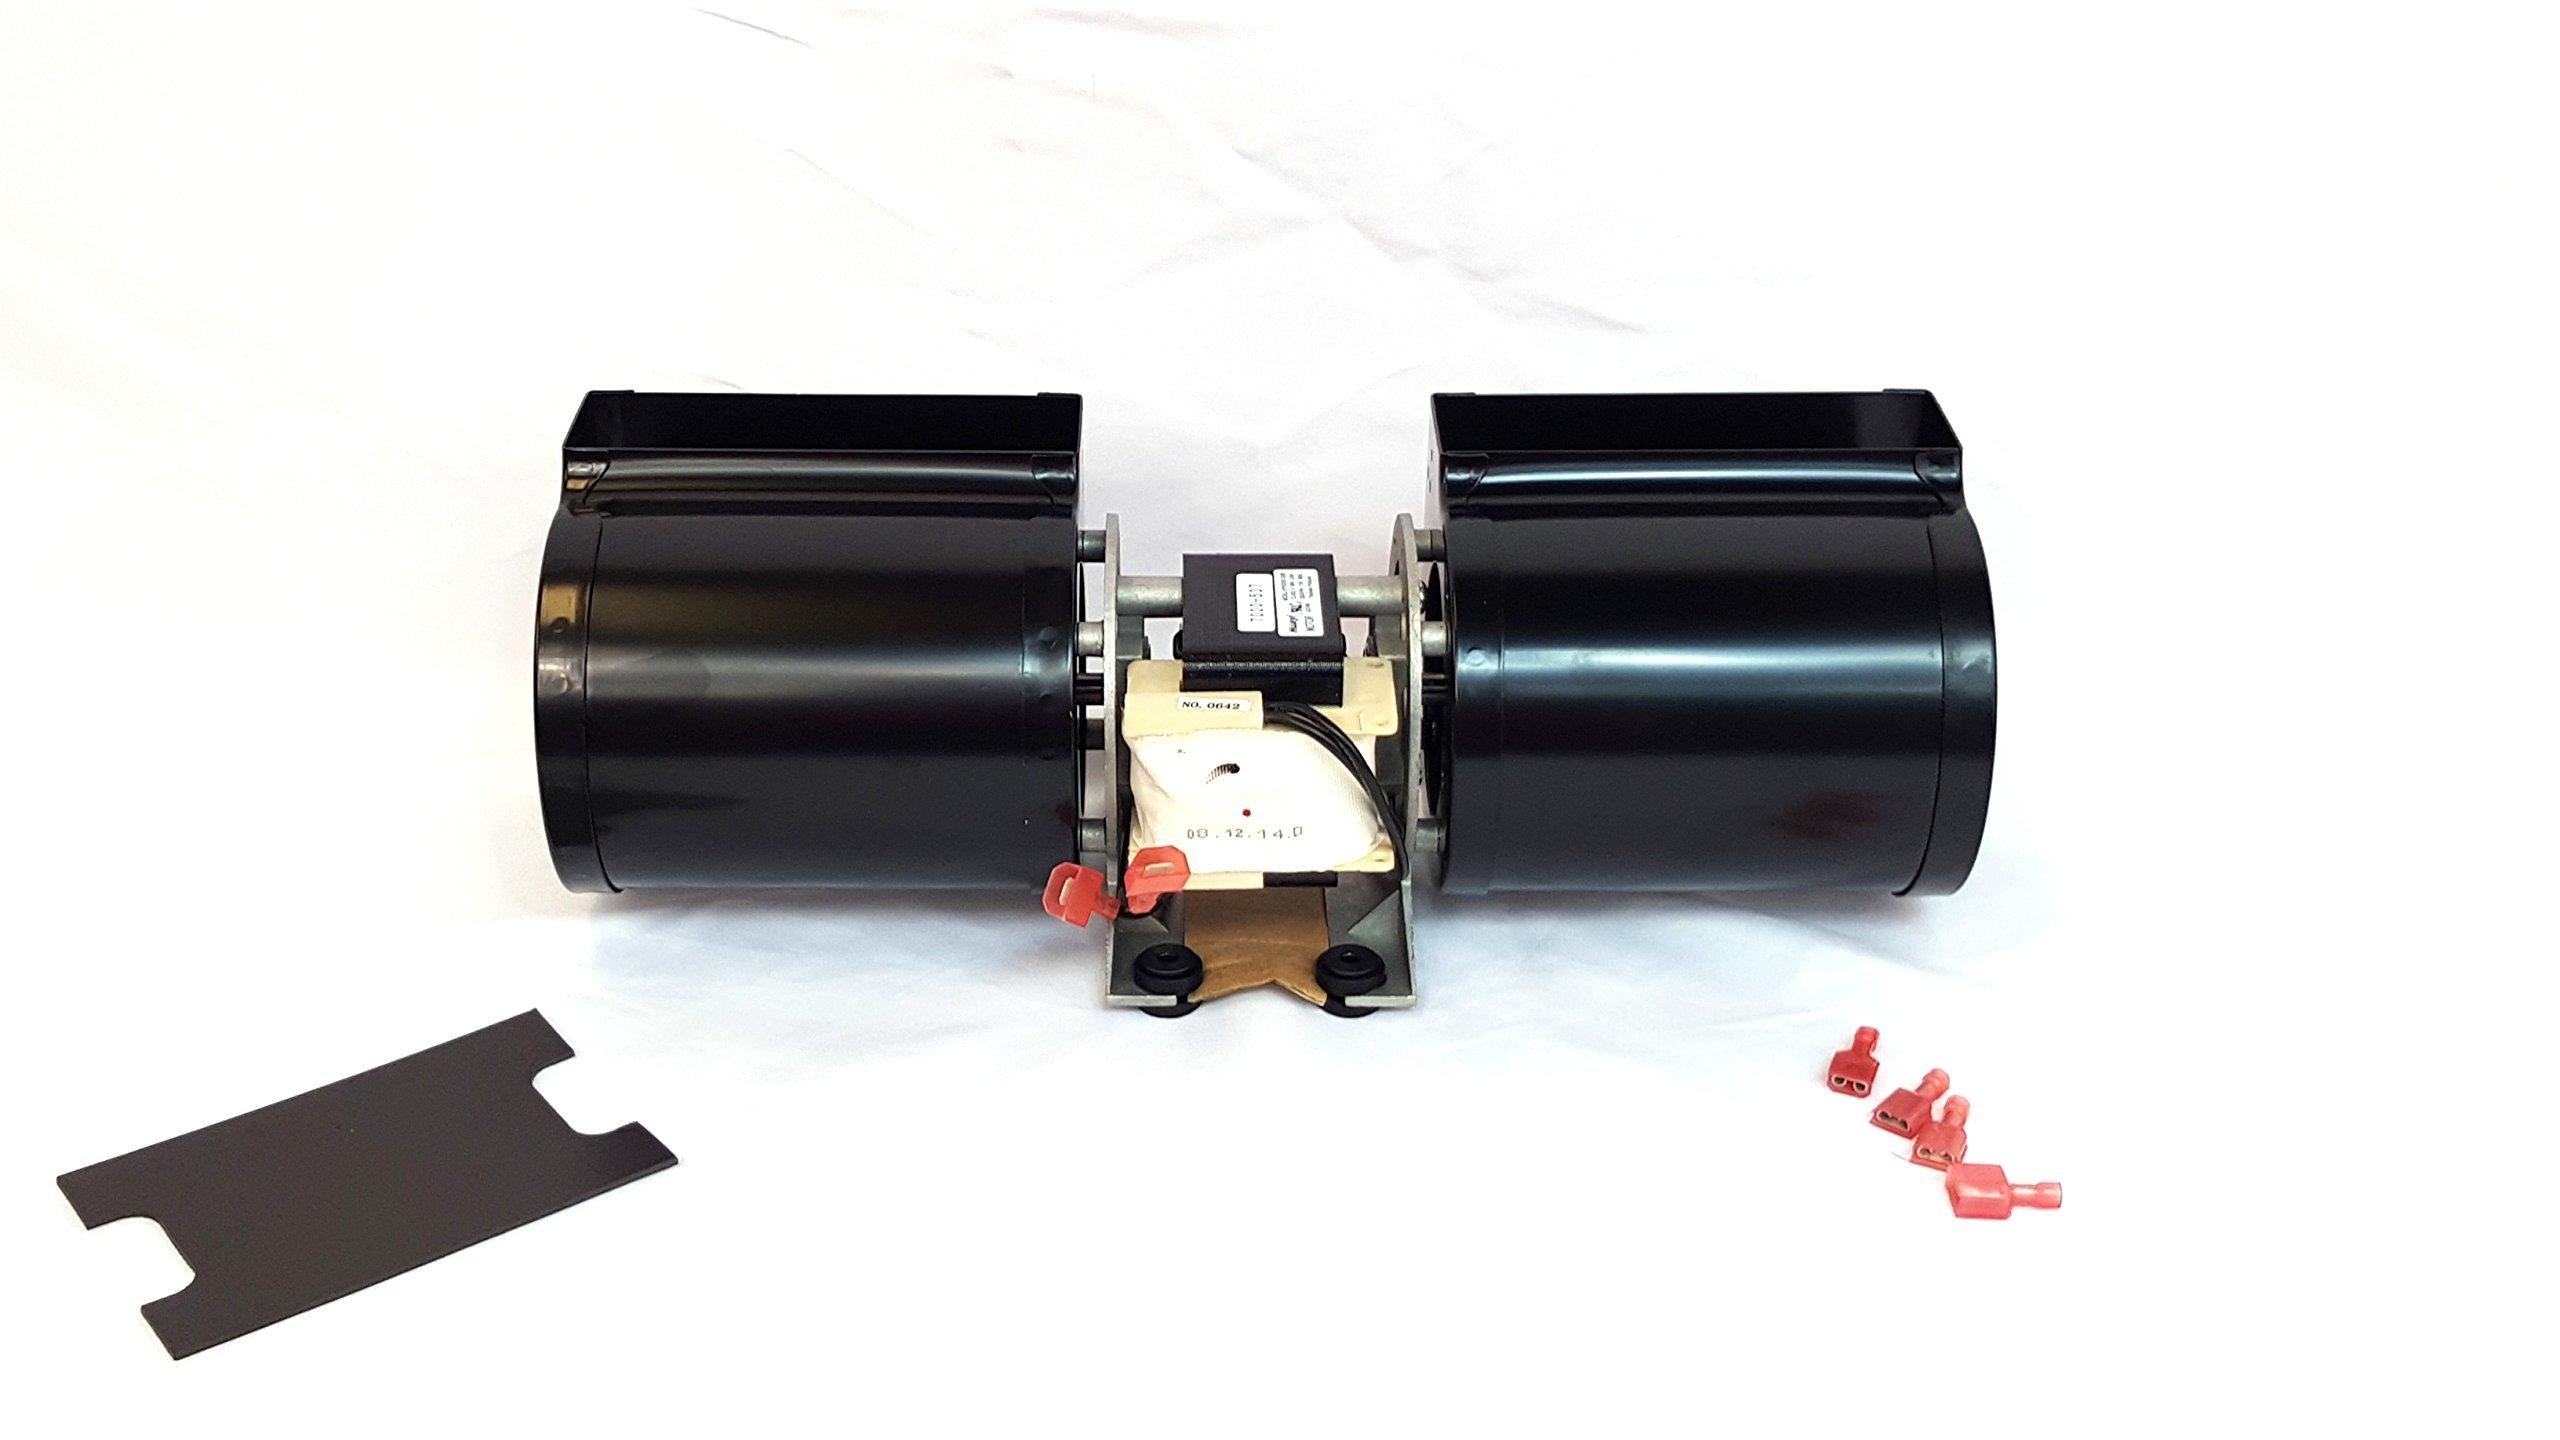 Quadrafire Blower 812 4900 Premium Replacement